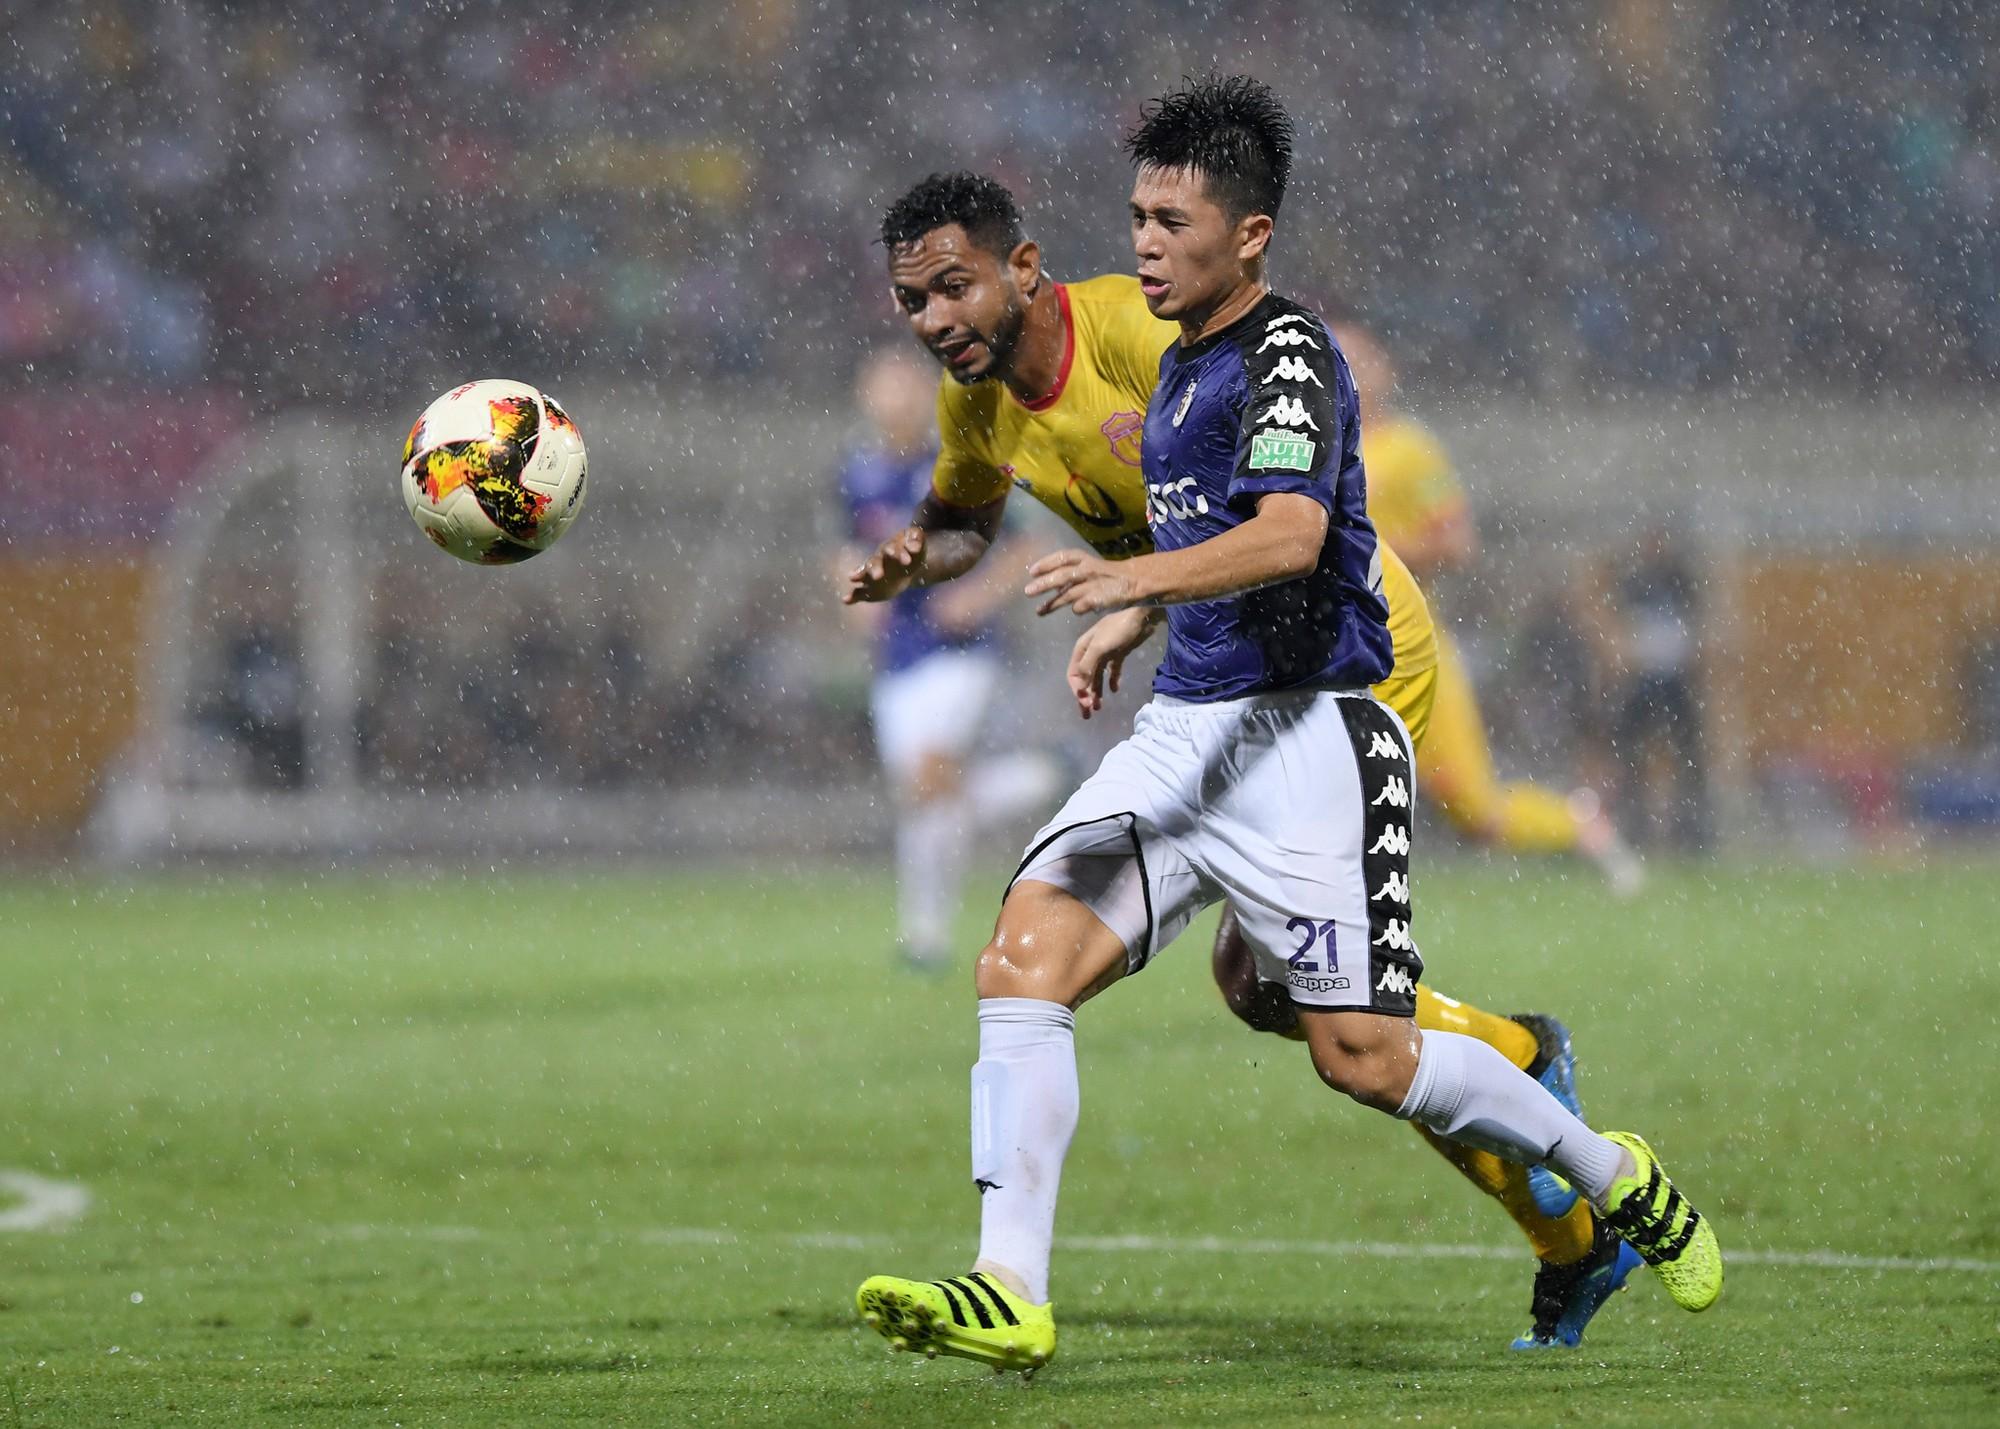 Mưa bàn thắng trong cơn mưa Hàng Đẫy - Ảnh 3.